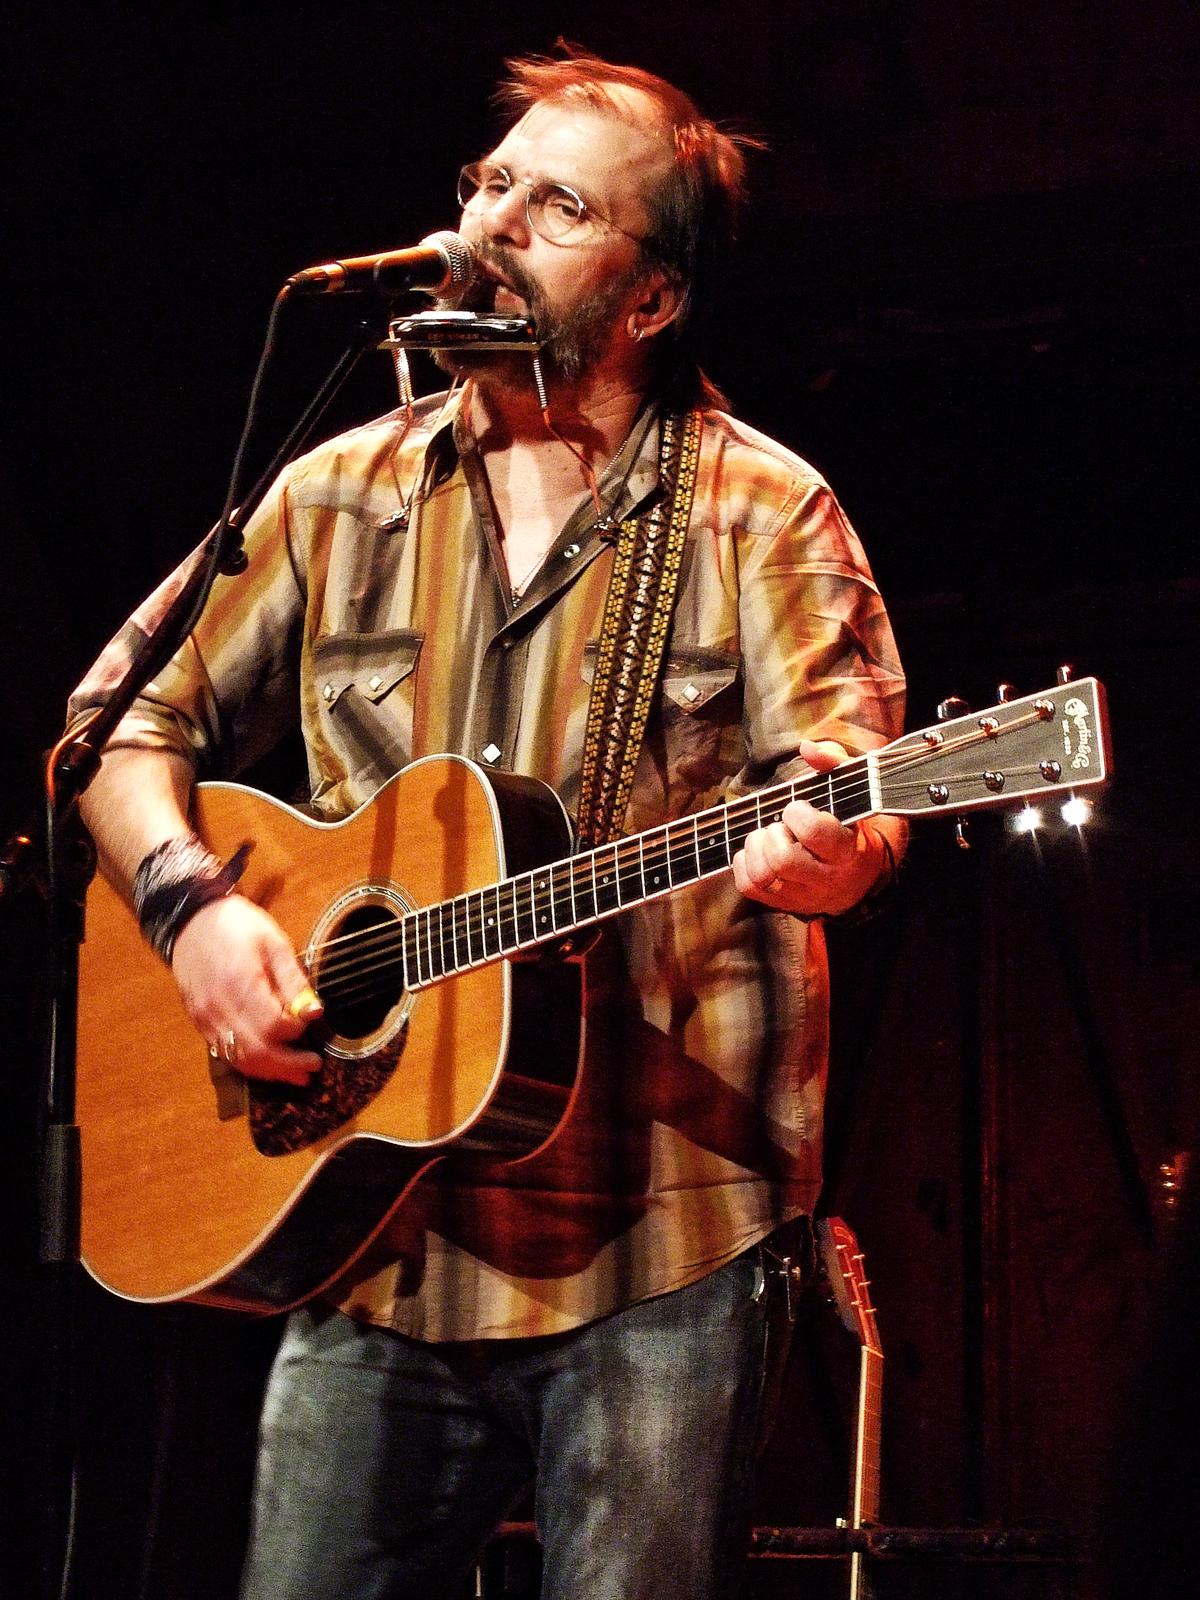 liste de mandolinistes country western et americana